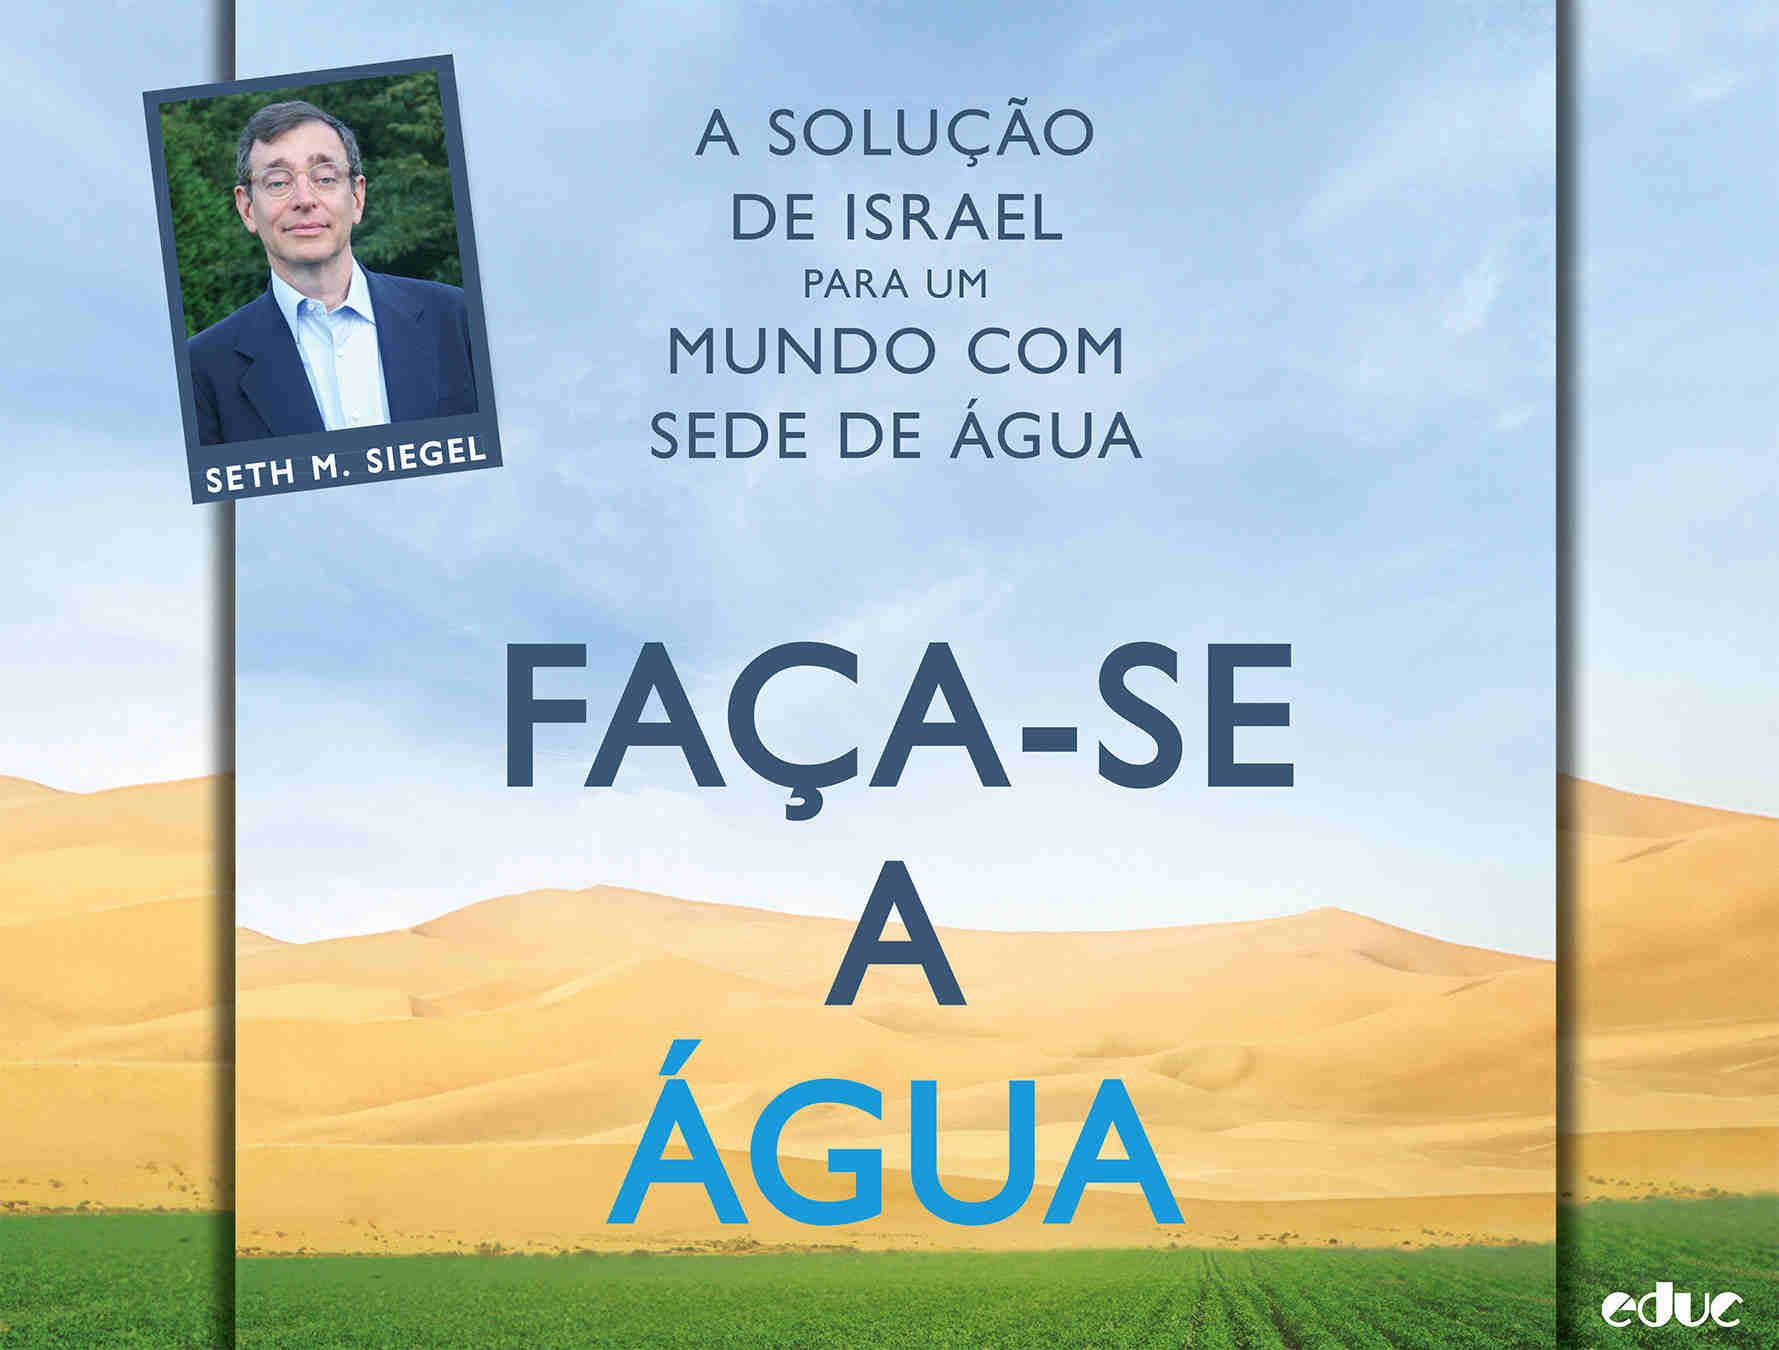 Water Experience - Seth M. Siegel no Brasil - A solução de Israel para um mundo com sede de água